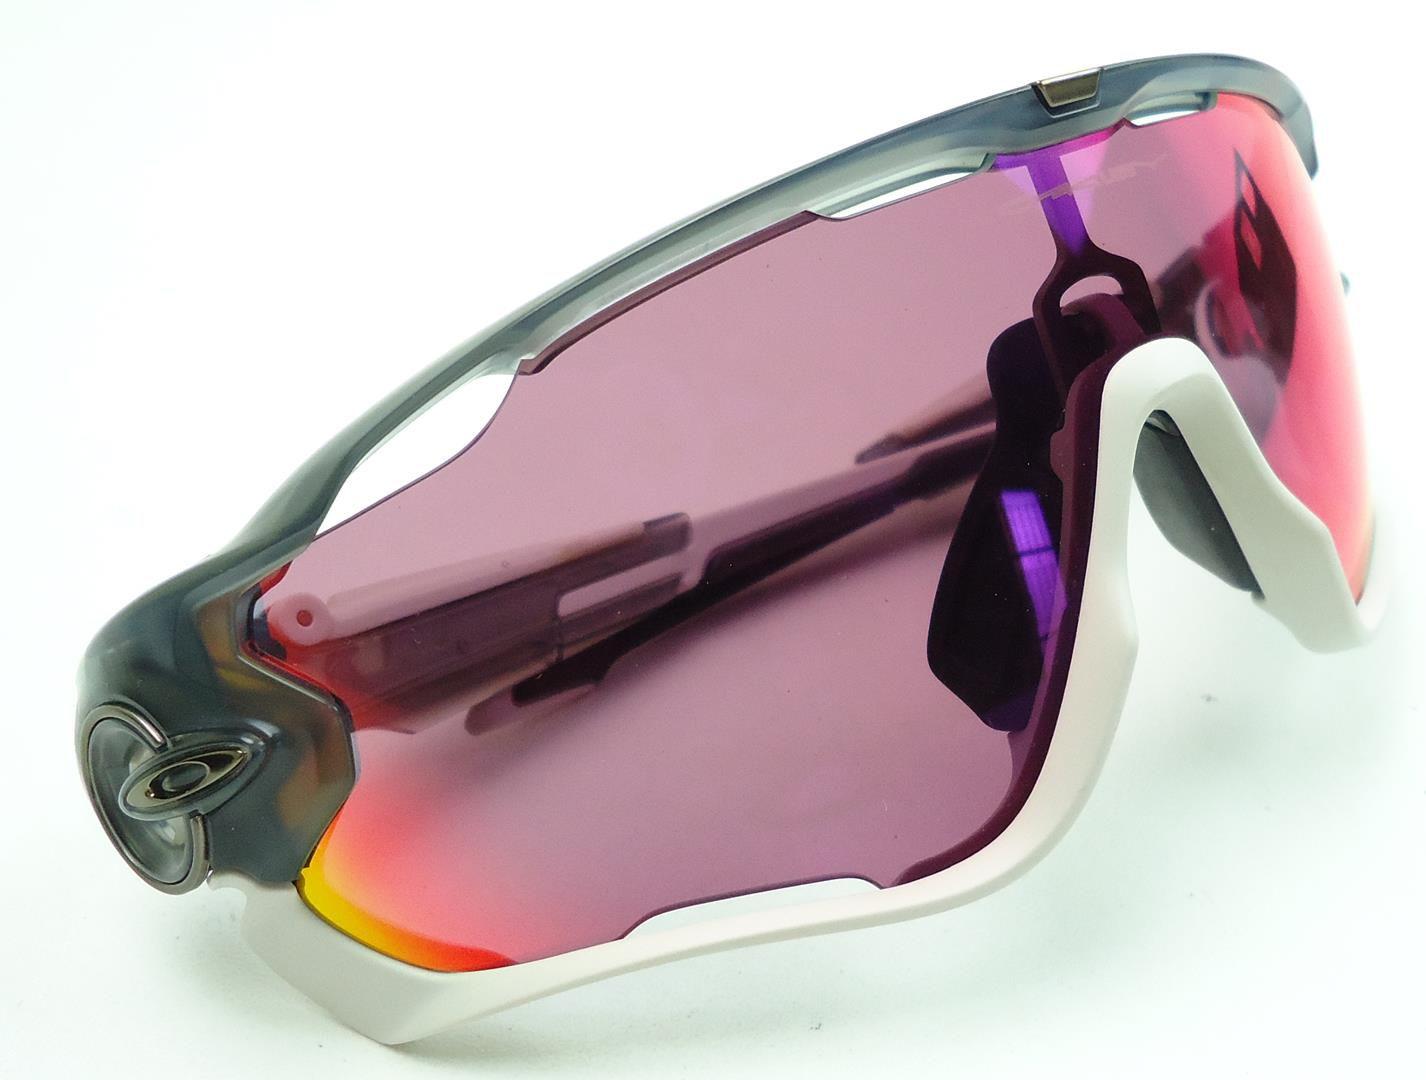 Óculos Oakley Jawbreaker Tour de France Cor Cinza/Branco Lente Prizm Road